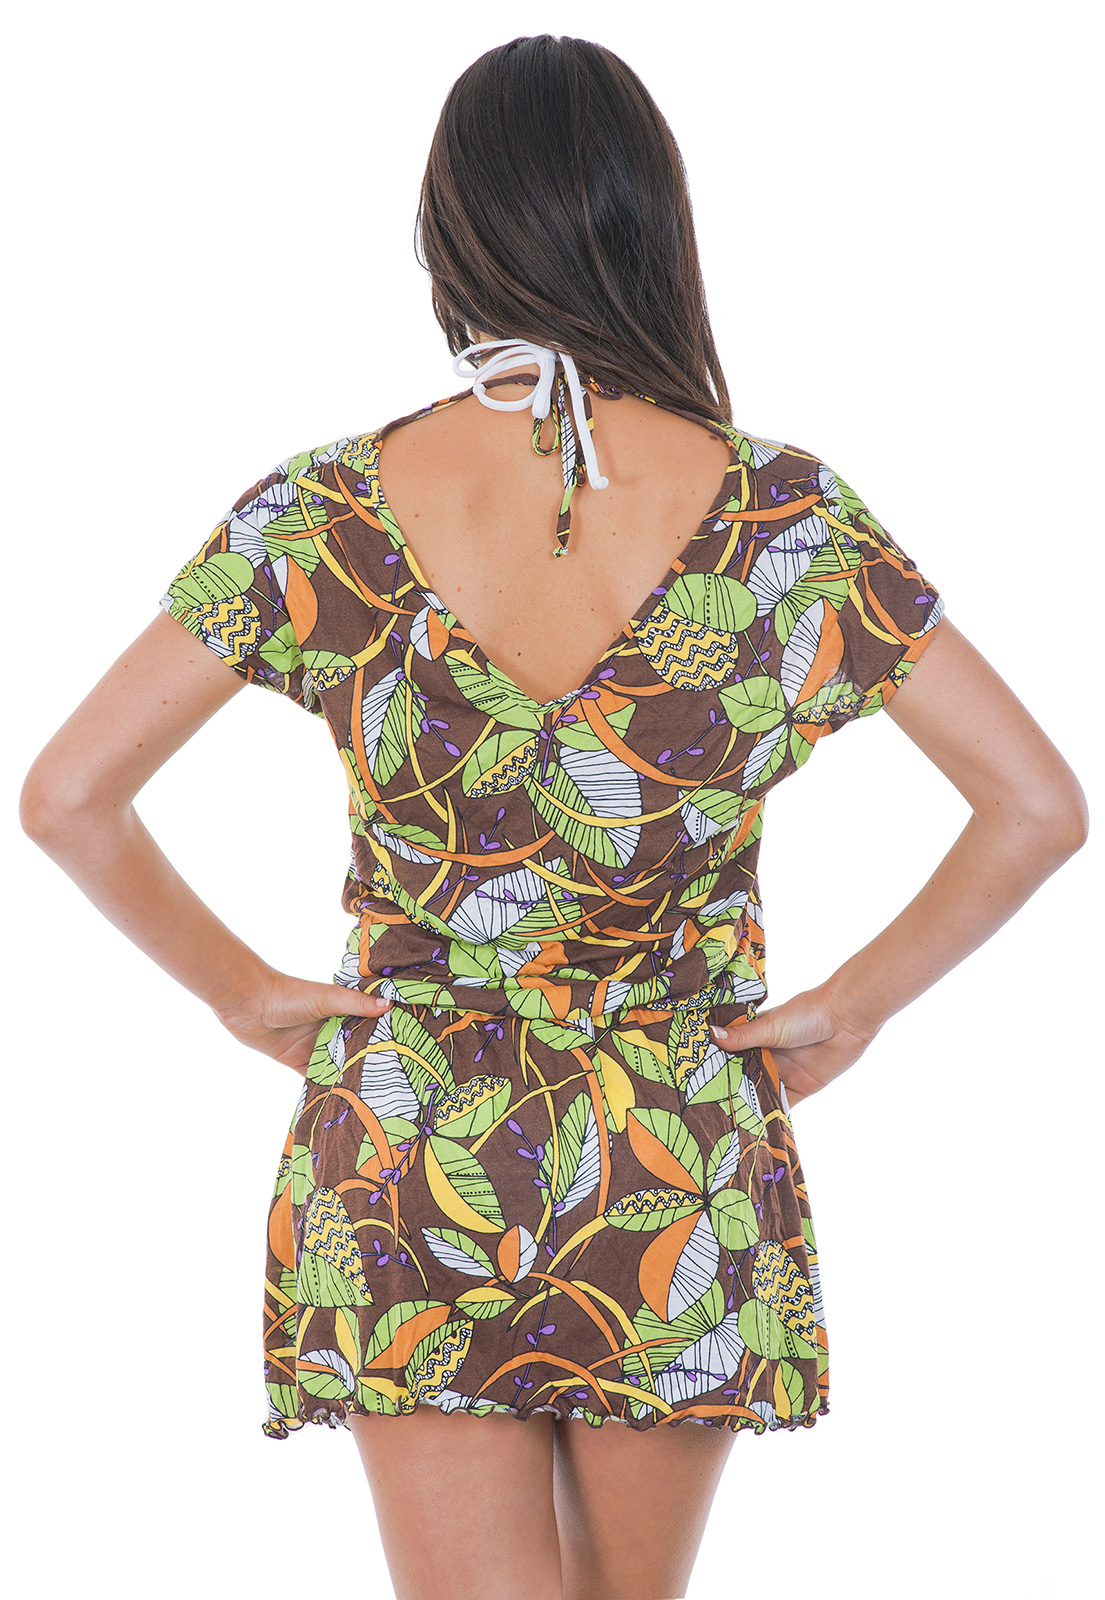 96e05397e10a Plážové šatky Plážové šaty - Ouroana - Znacka Rio de Sol